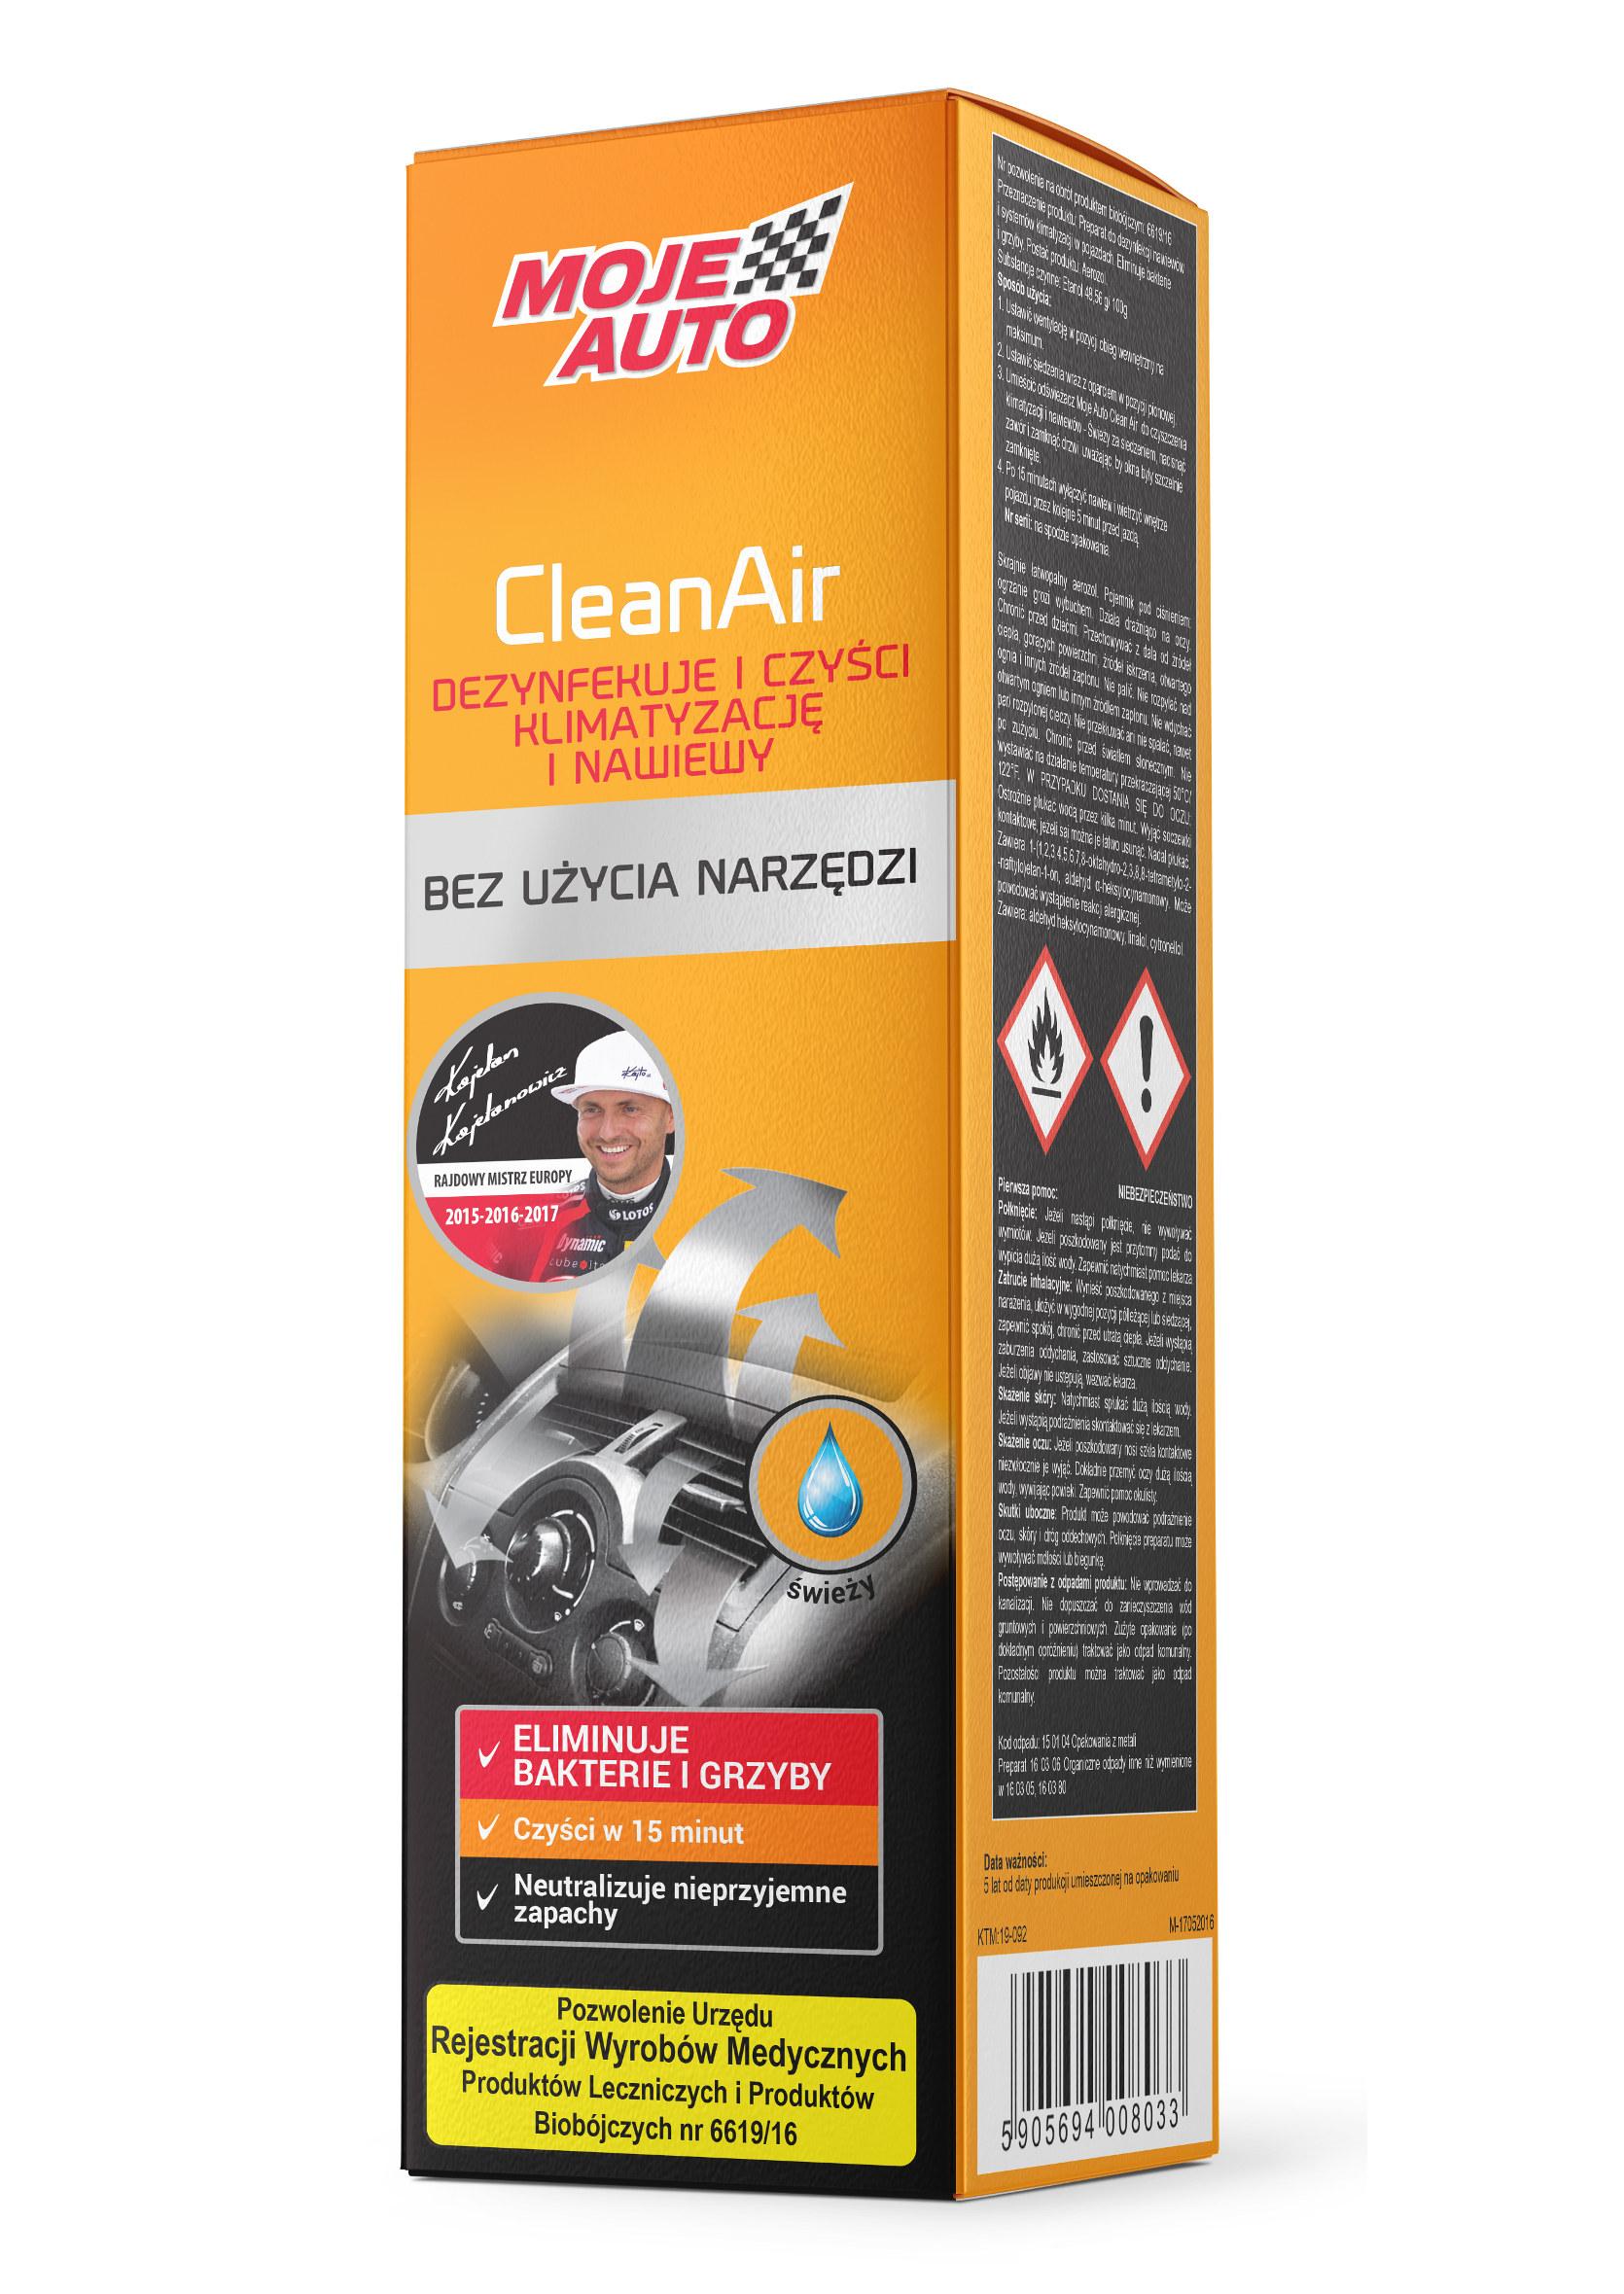 Moje Auto Clean Air Fresh 150ml do Czyszczenia i Dezynfekcji Nawiewów i Klimatyzacji